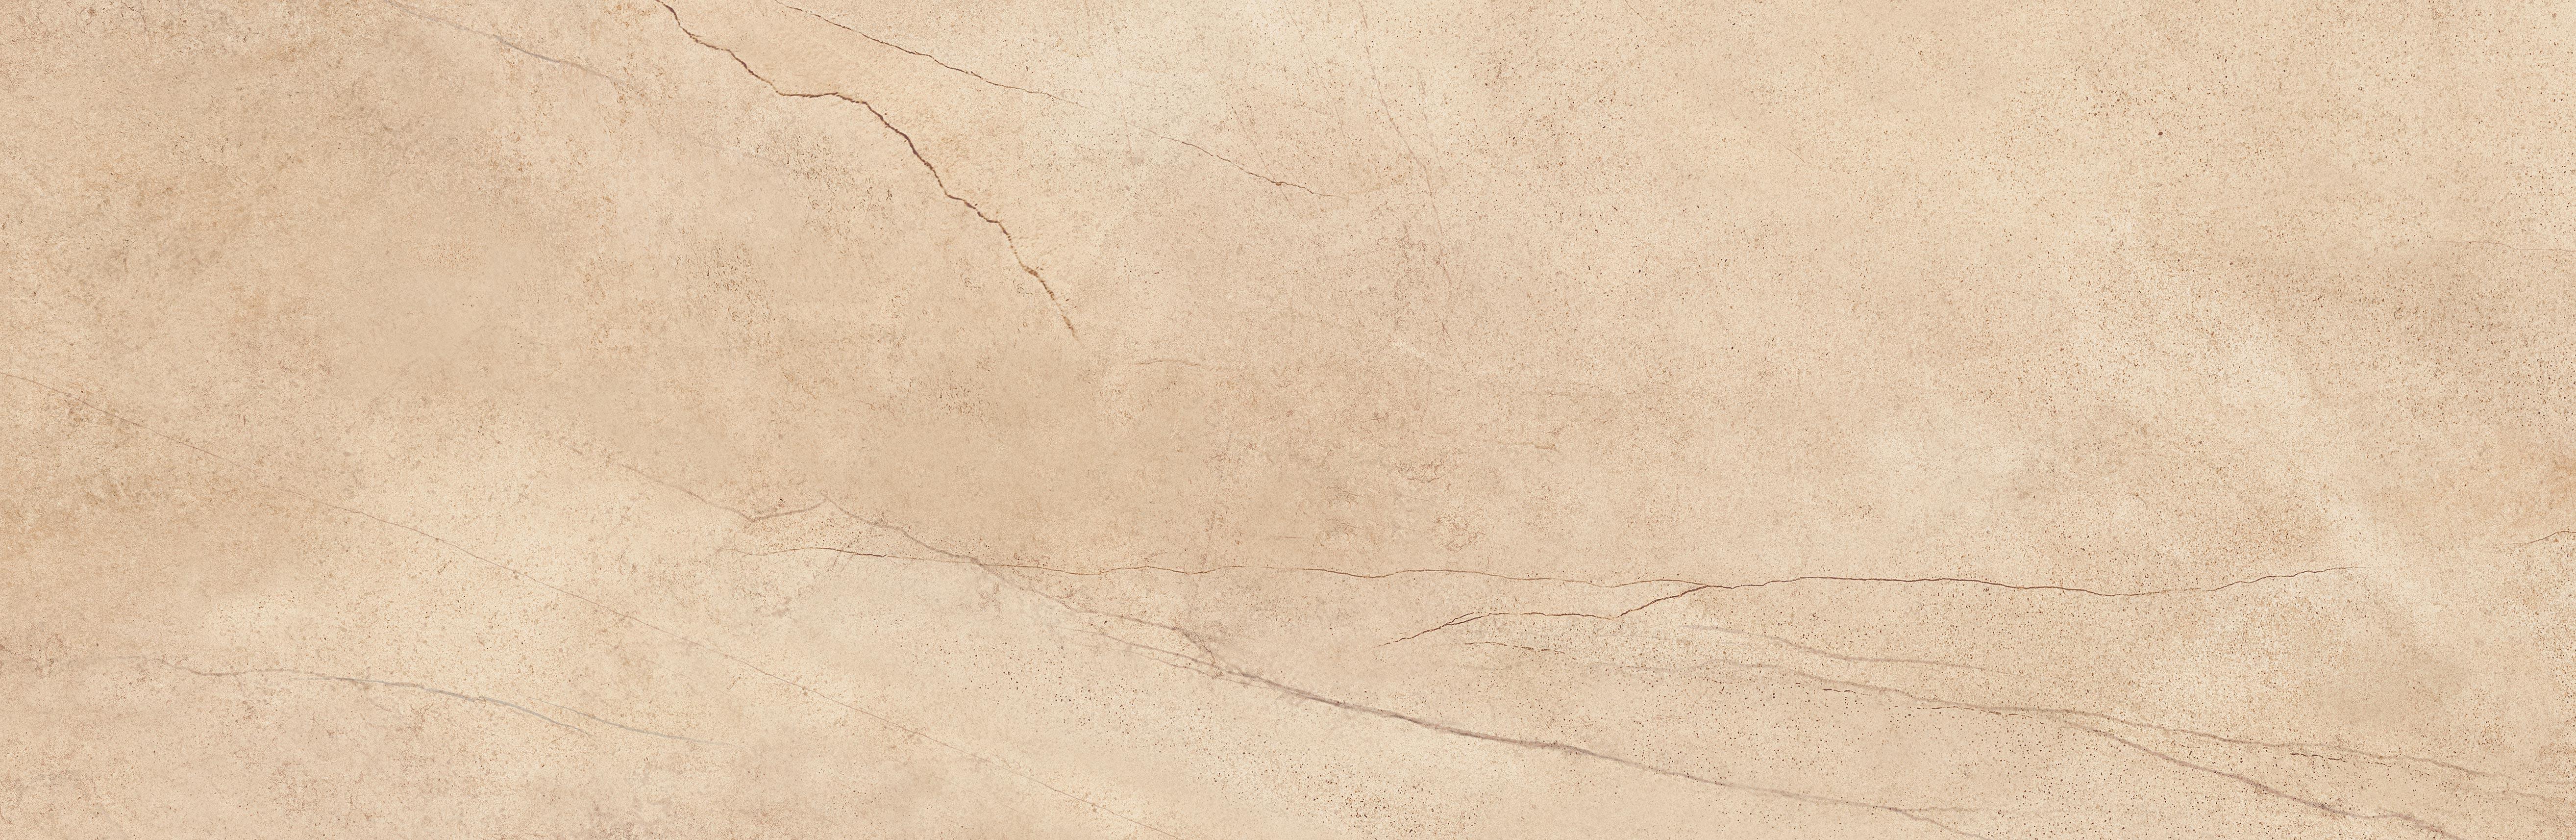 Купить Керамическая плитка Mei Sahara Desert бежевый (O-SAB-WTA011) настенная 29x89, Россия